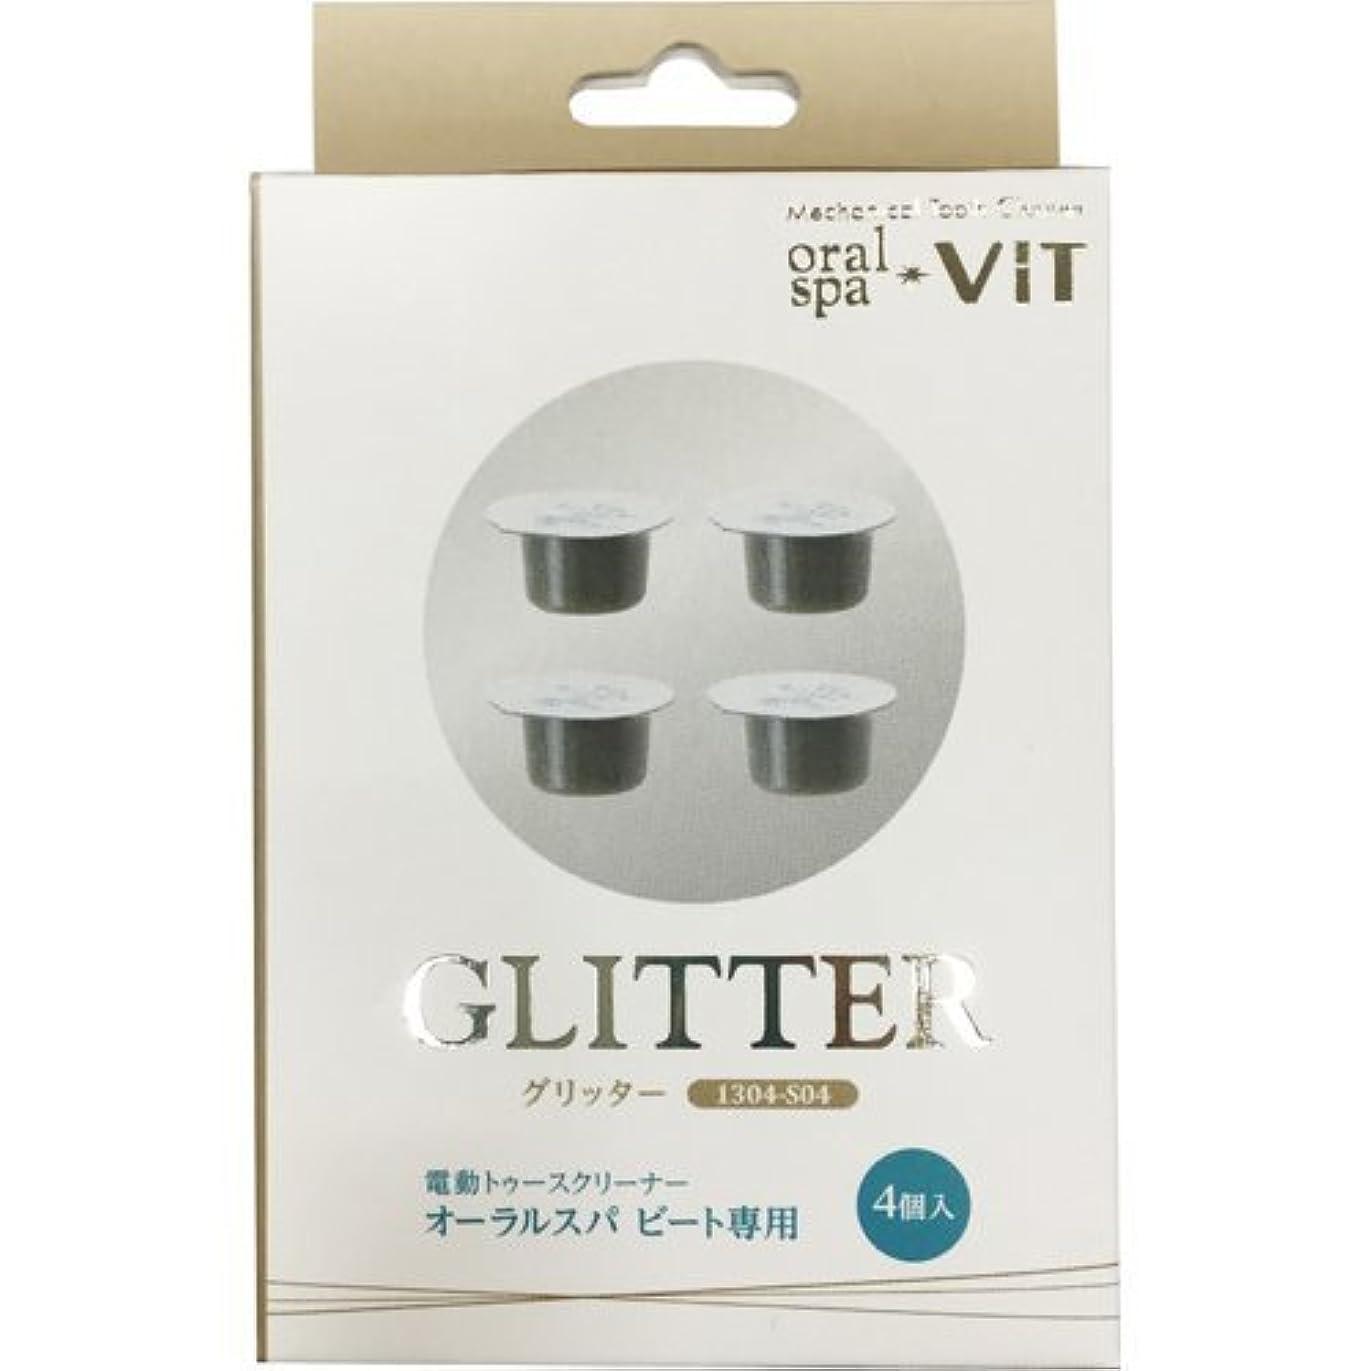 アイドルシェルター魅力電動トゥースクリーナー oral spa VIT(オーラルスパビート)専用グリッター スペアミント 4個入